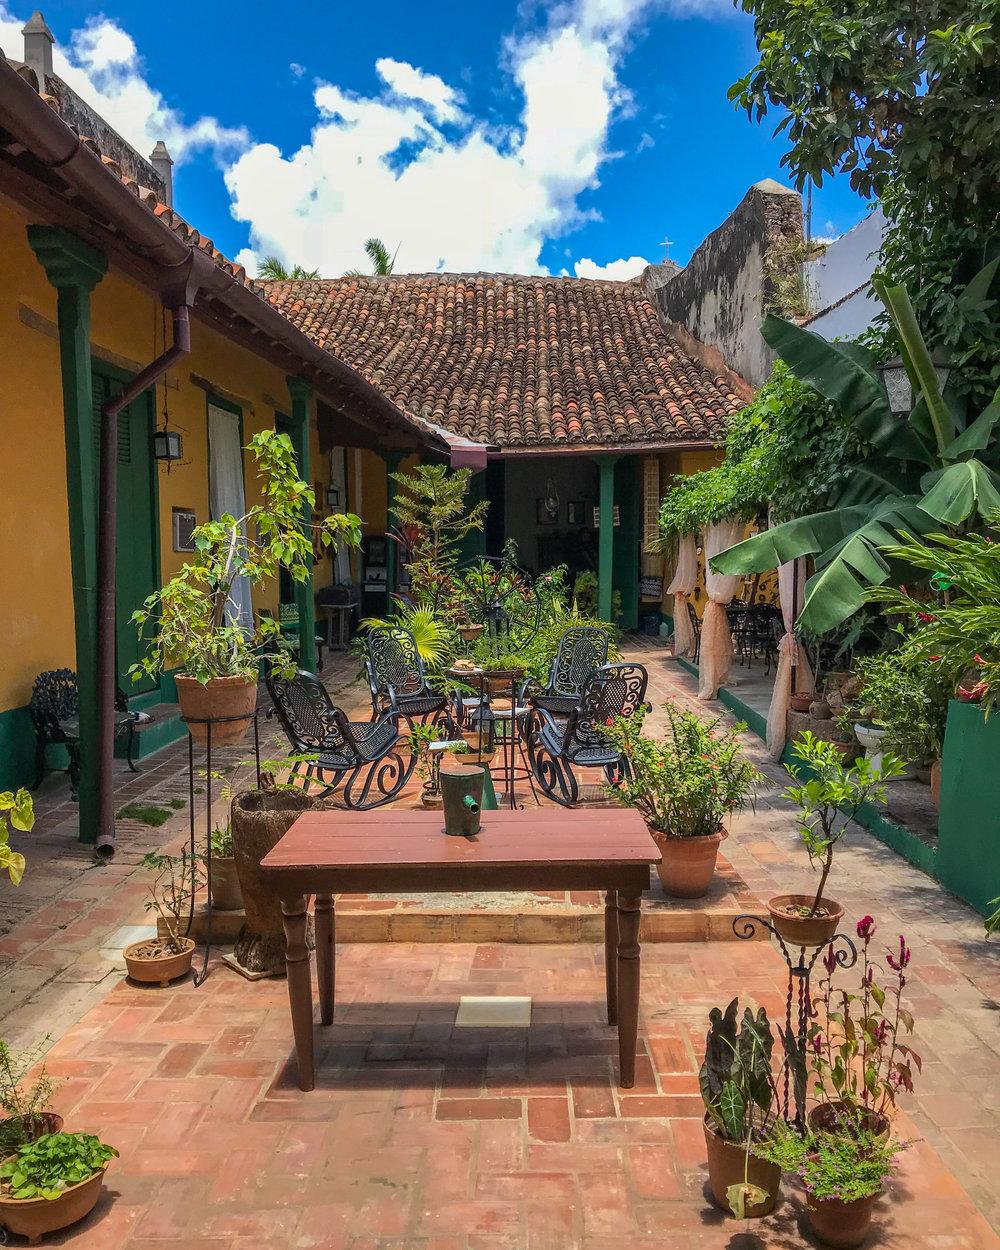 A casa particular in Trinidad, Cuba